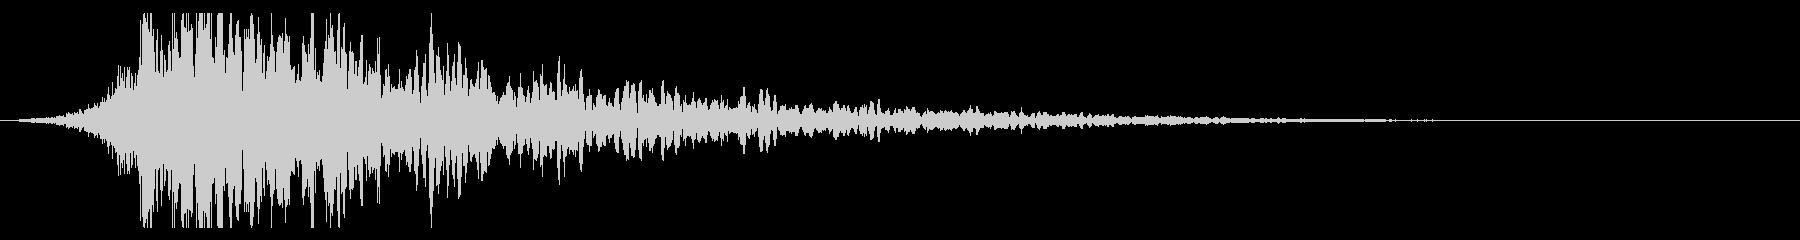 シュードーン-35-1(インパクト音)の未再生の波形